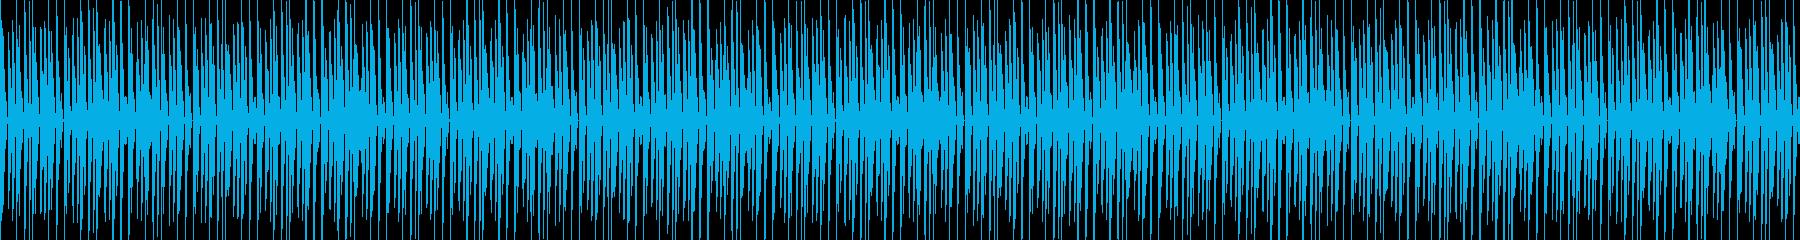 HOUSE/EDM風 リズムループの再生済みの波形